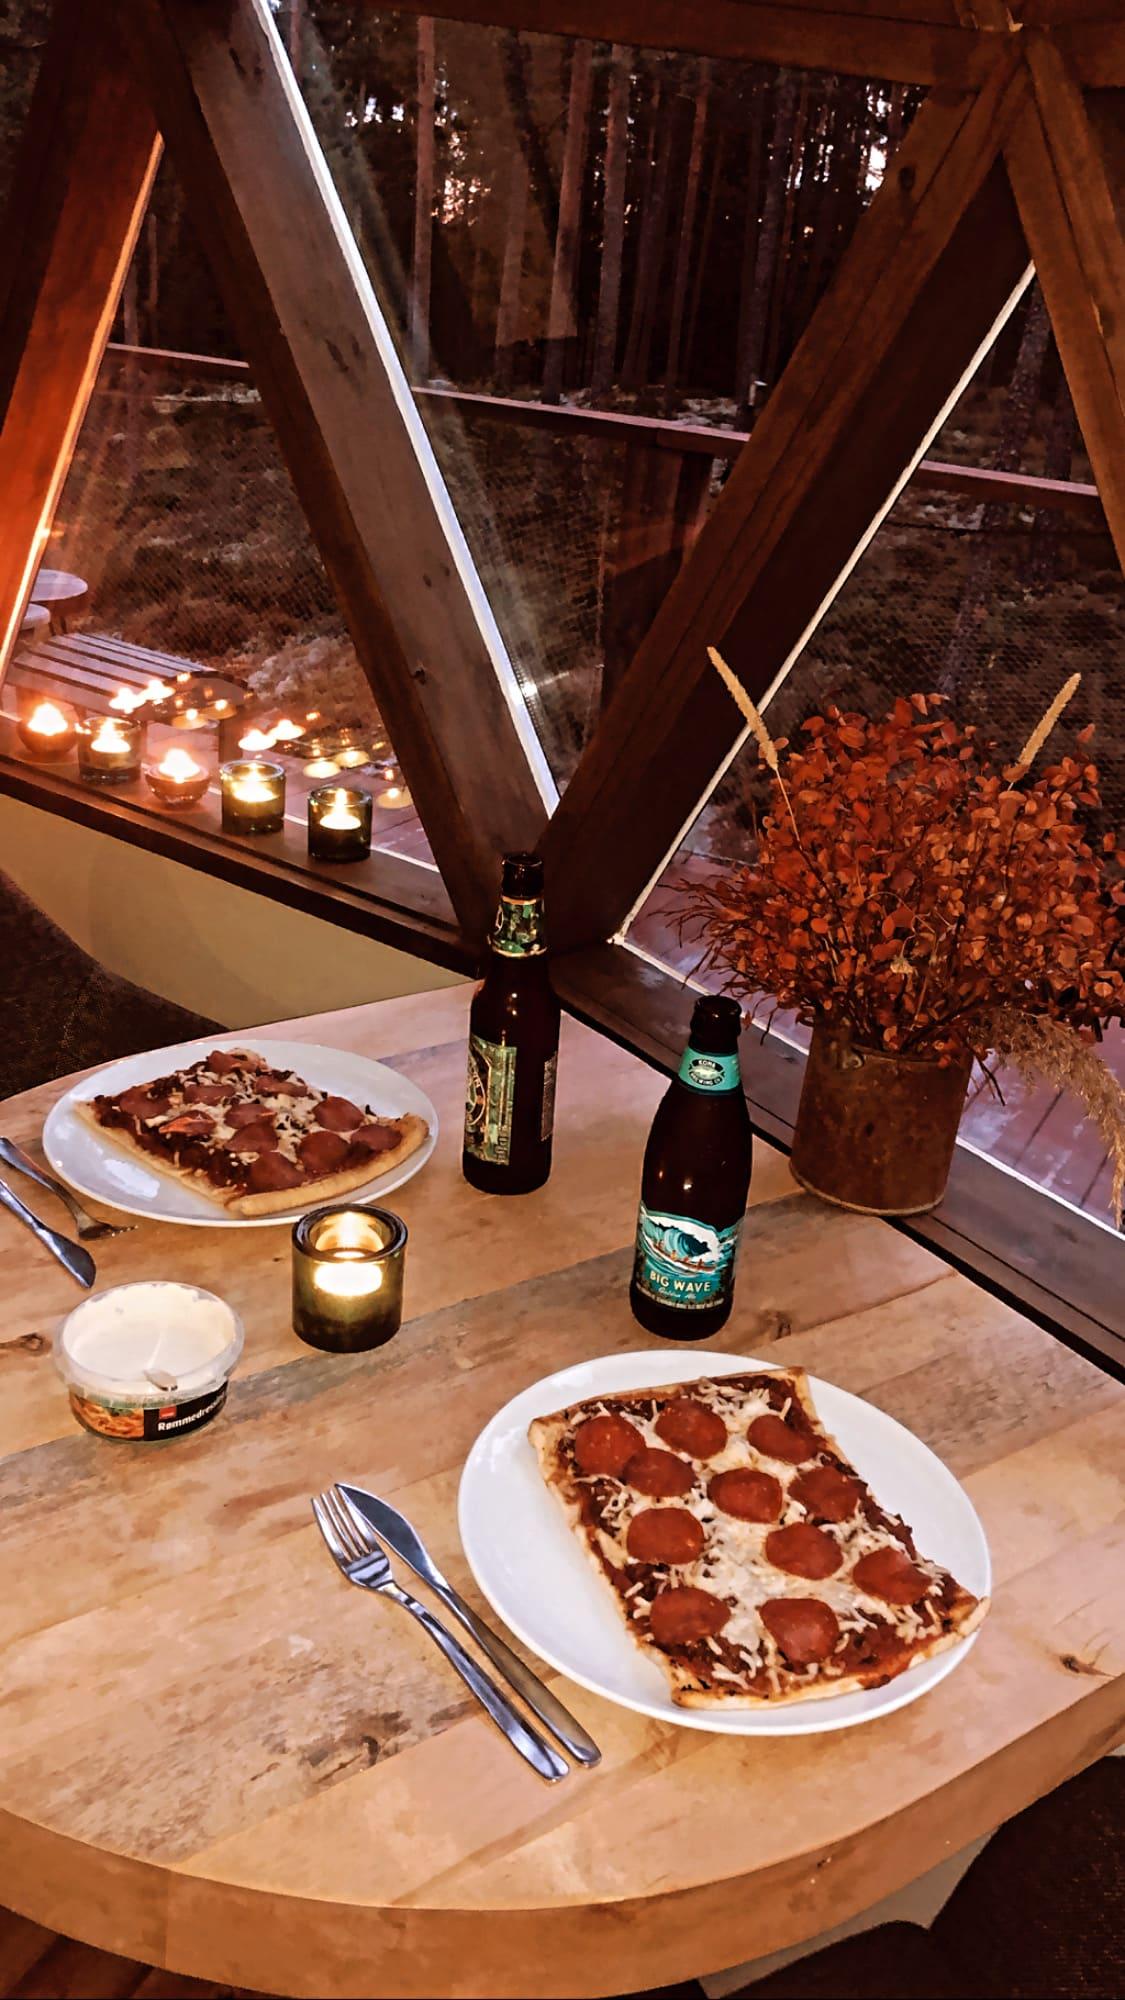 Pizza i en tretopphytte, Rakkestad.